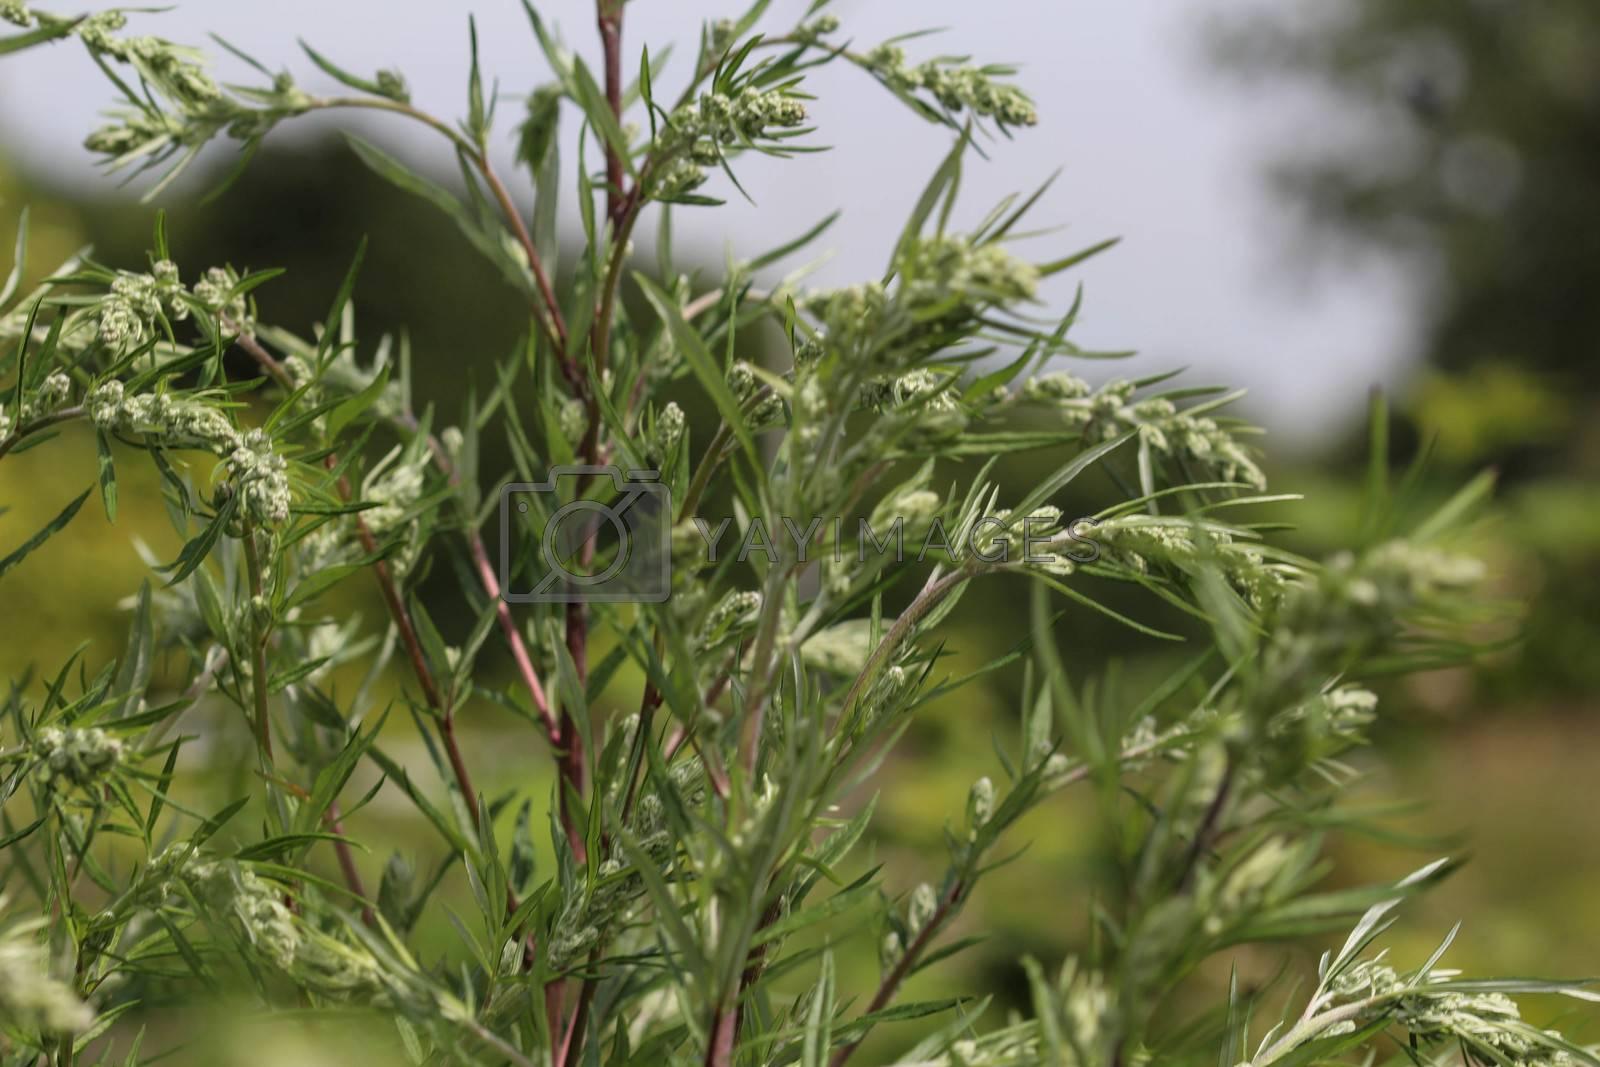 Royalty free image of Artemisia vulgaris, also known as common mugwort, riverside wormwood, felon herb, chrysanthemum weed, wild wormwood. Blooming in spring by michaelmeijer